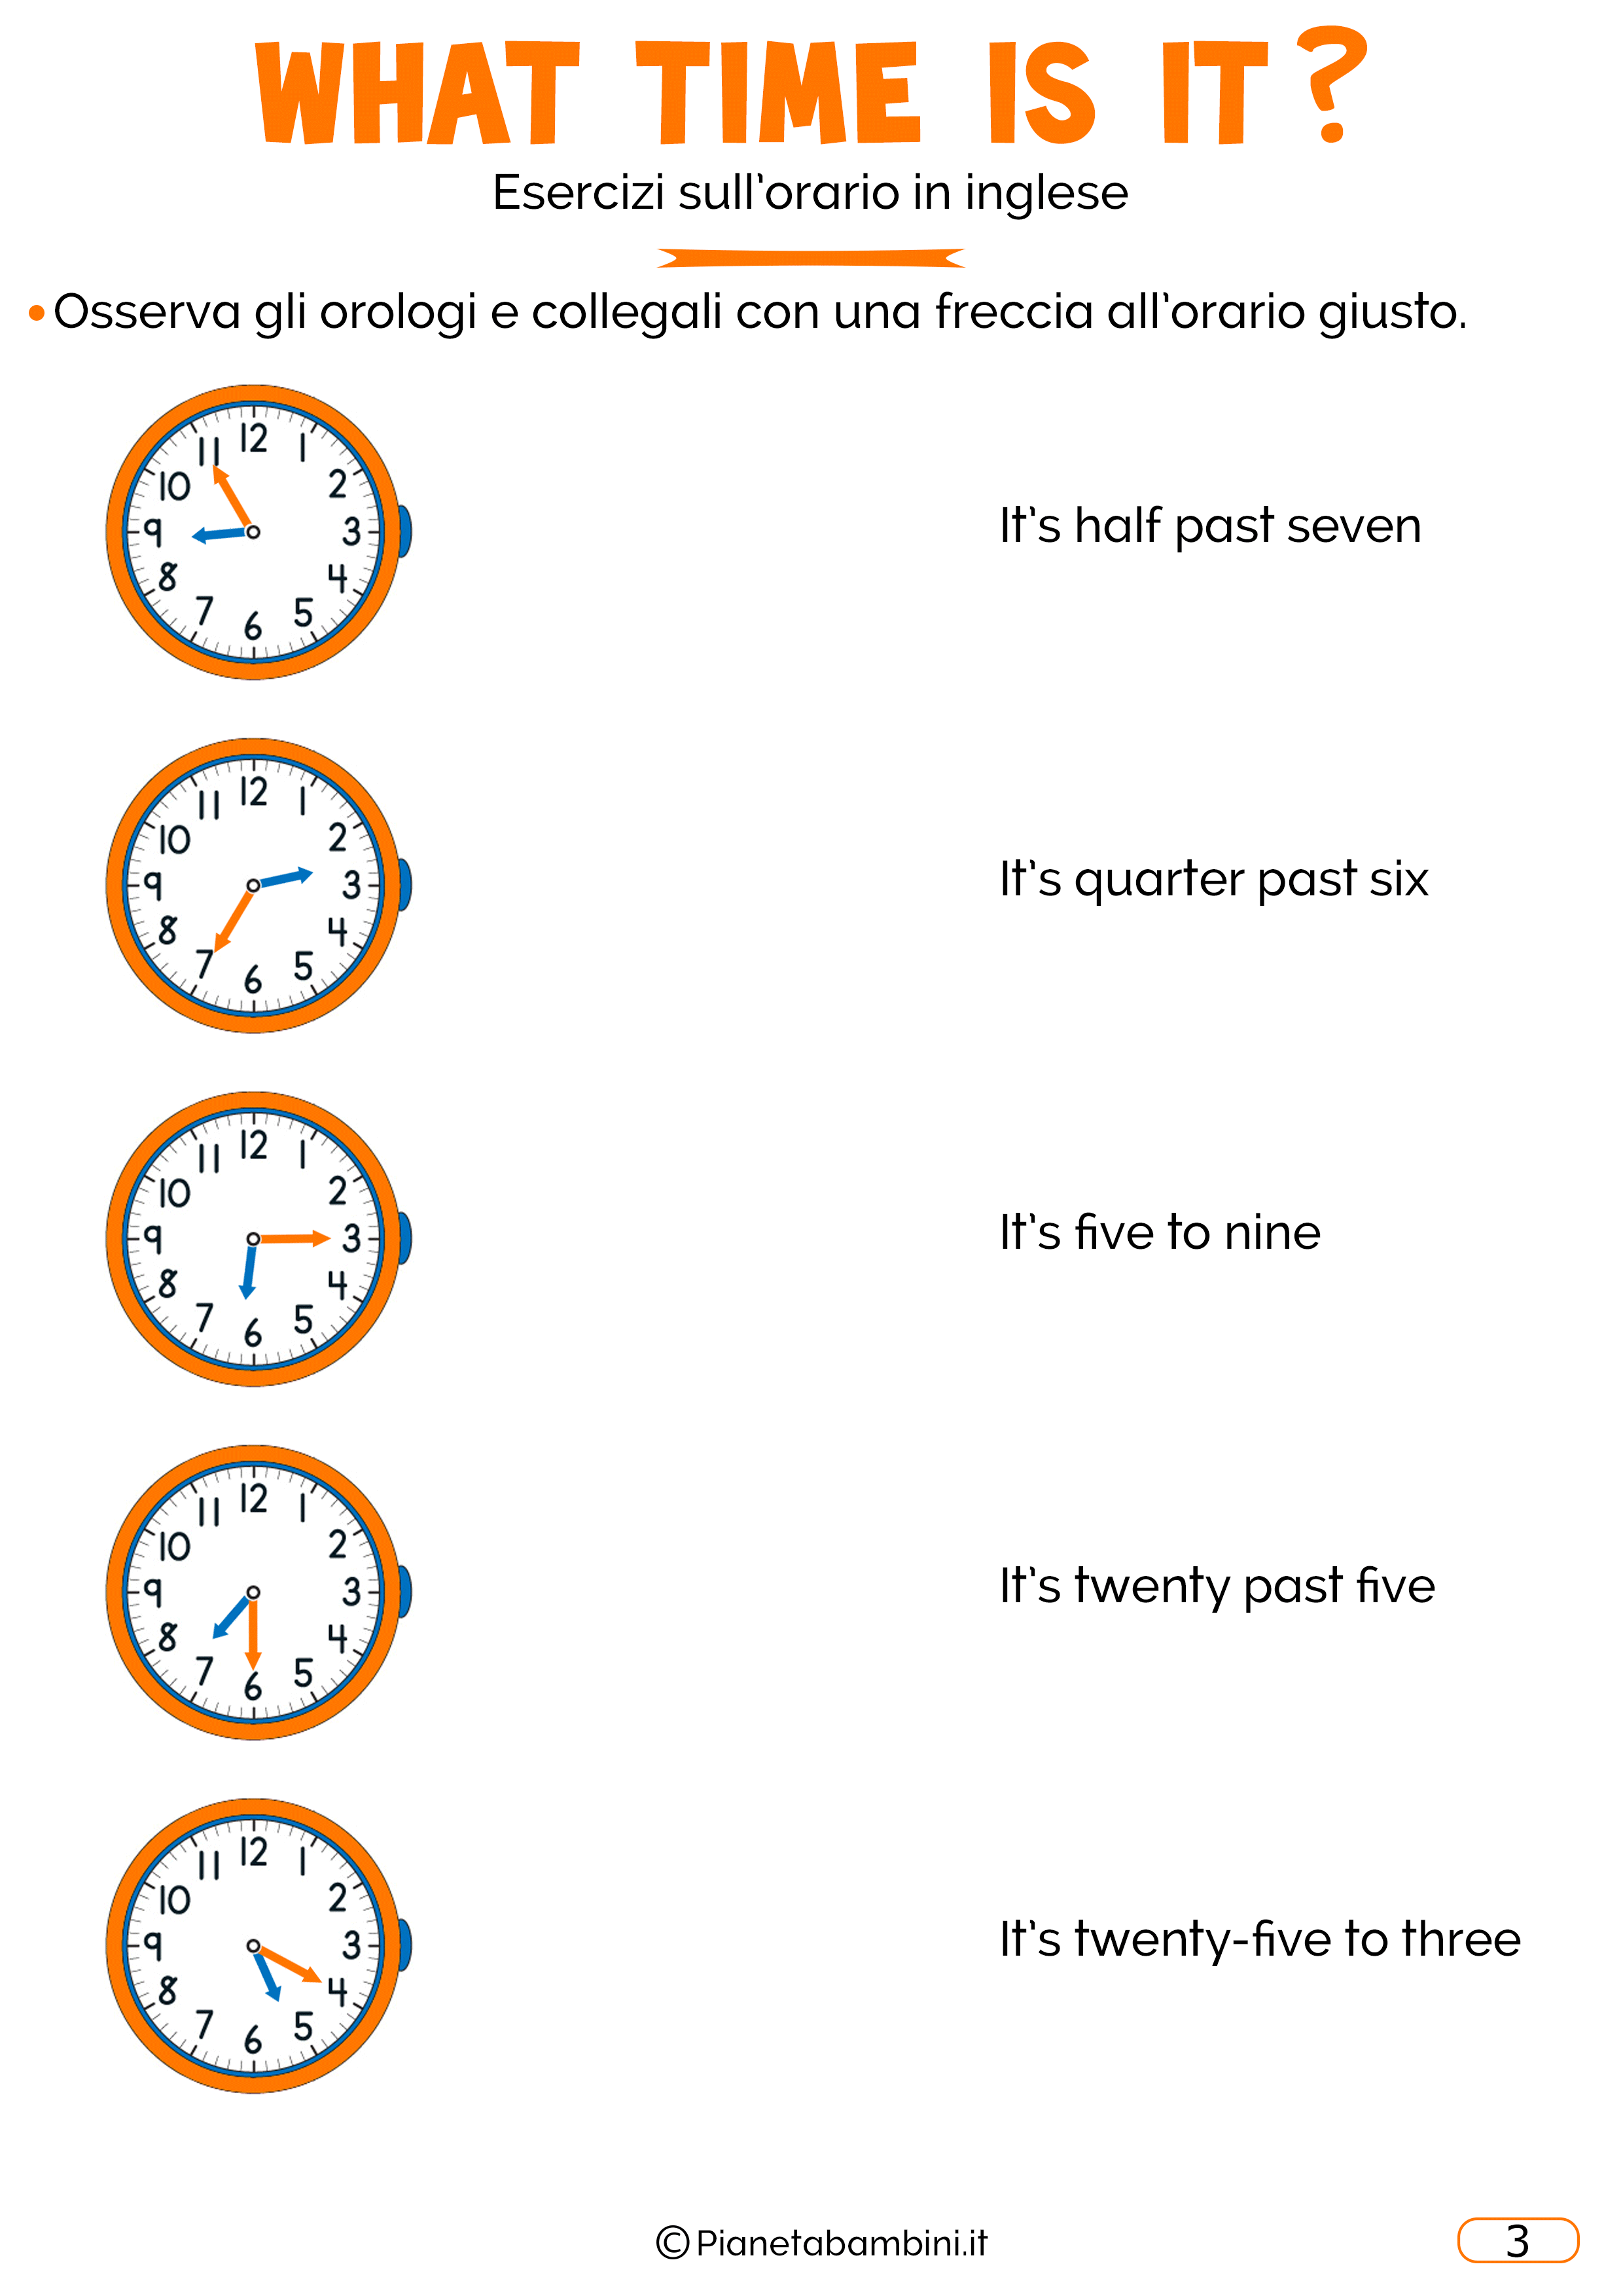 Scheda didattica sull'orario in inglese 03